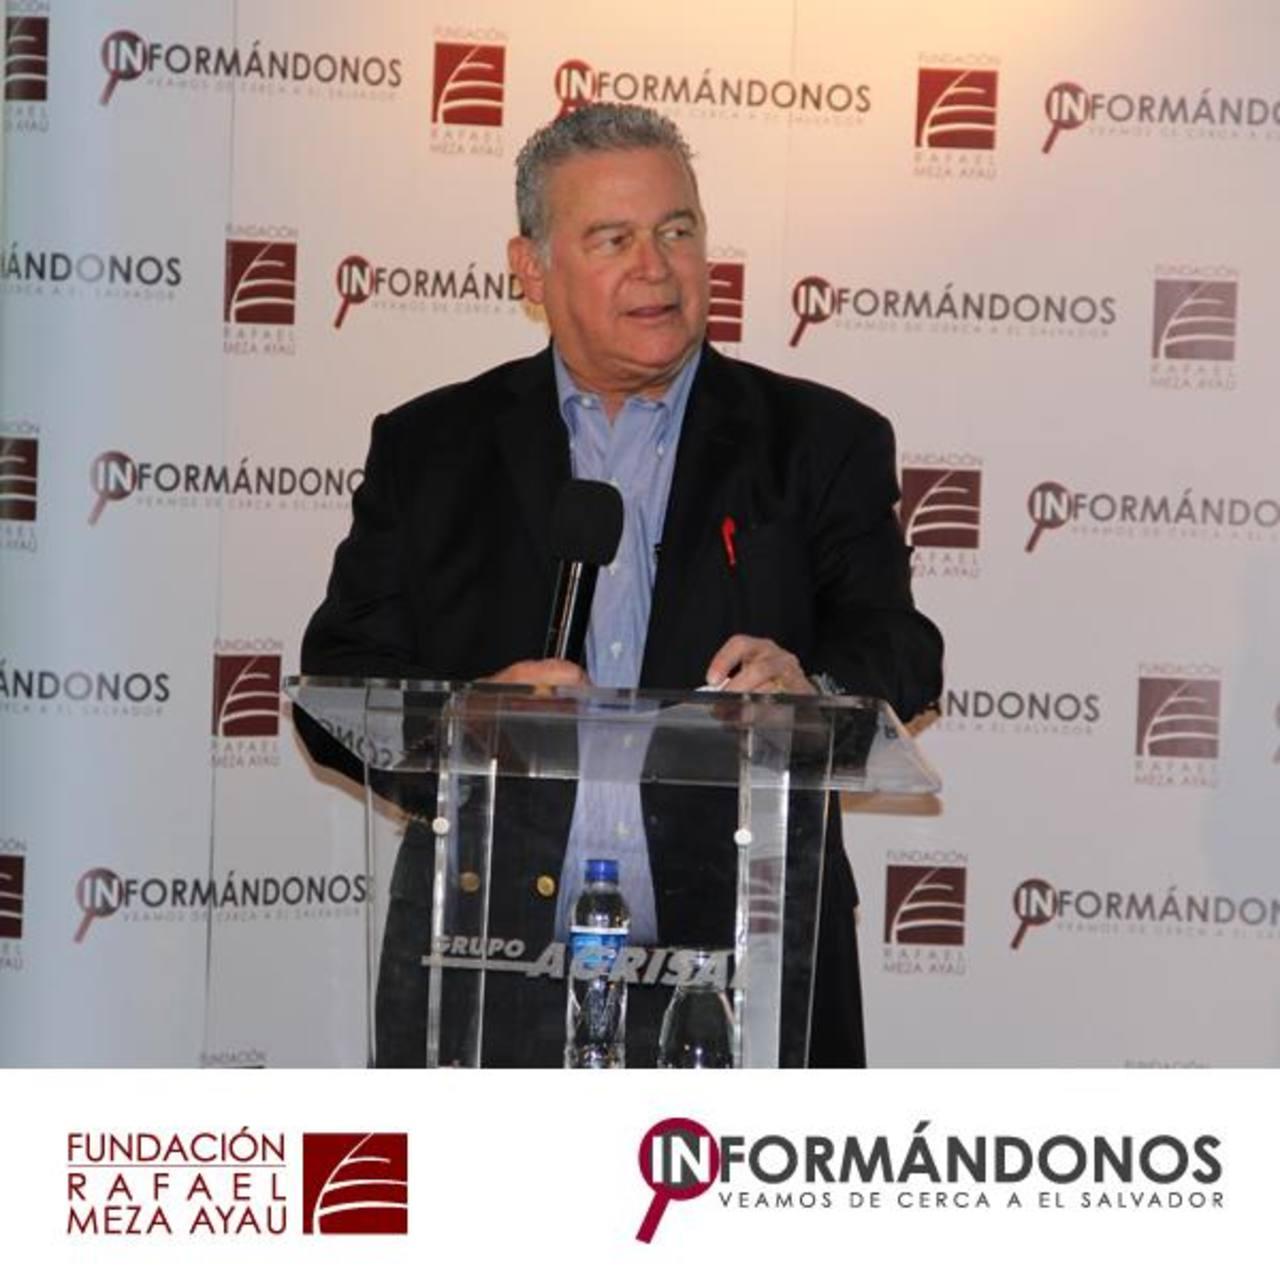 """Las palabras de apertura al primer foro """"Informándonos"""" estuvieron a cargo de Roberto Murray, presidente de la Fundación Rafael Meza Ayau, la cual tiene 43 años de trabajo social. Foto edh / Cortesía."""